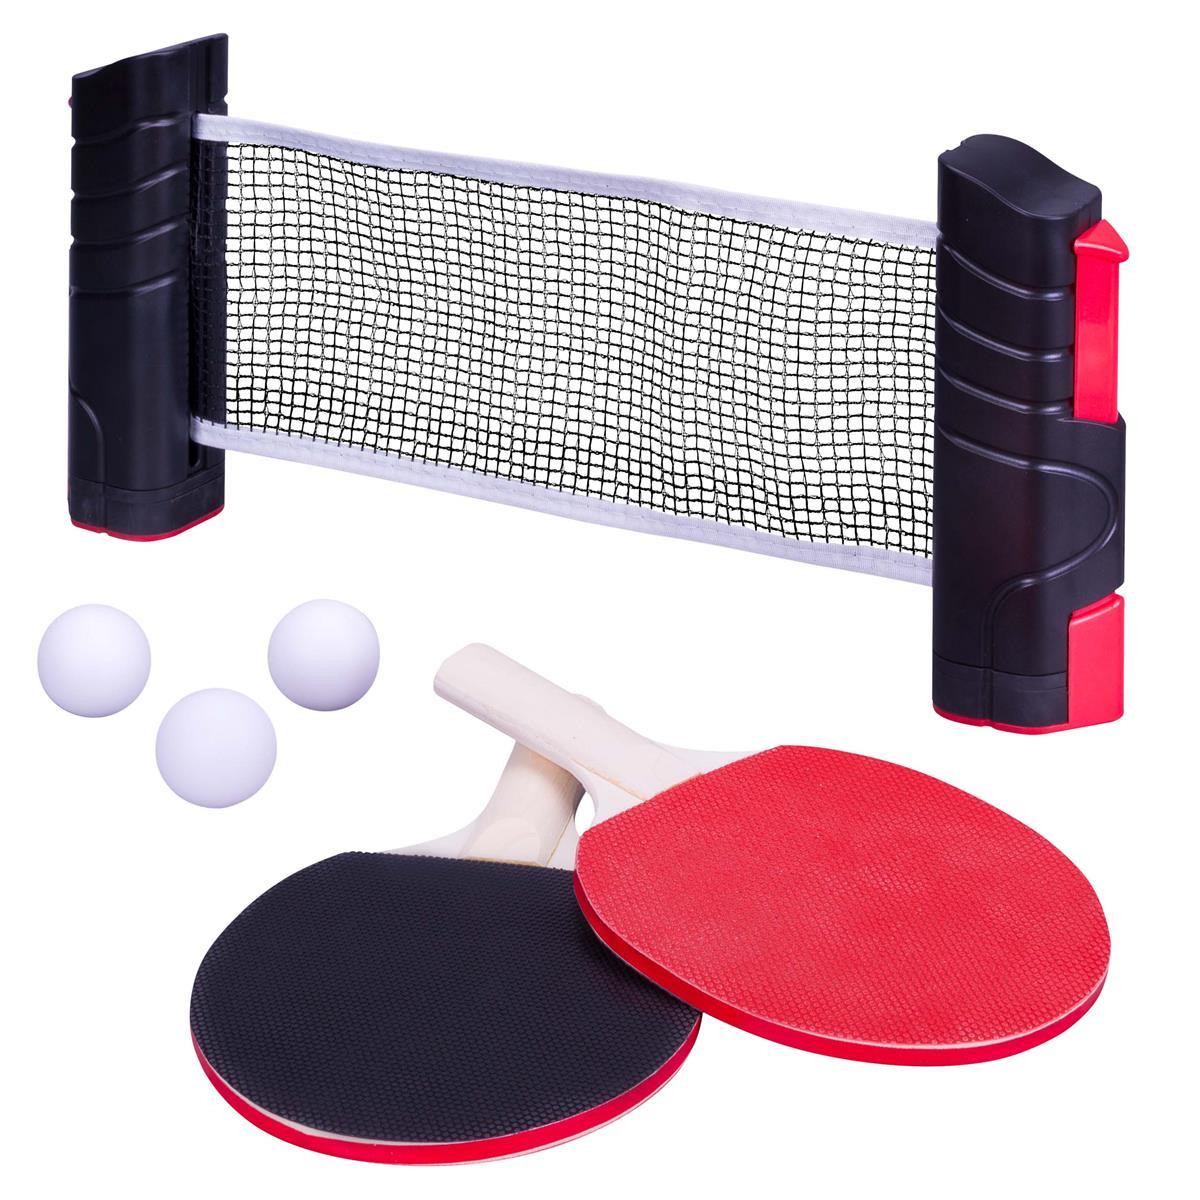 6teiliges Tischtennis Set Schläger und Netz mit Schnellspann und Aufrollfunktion